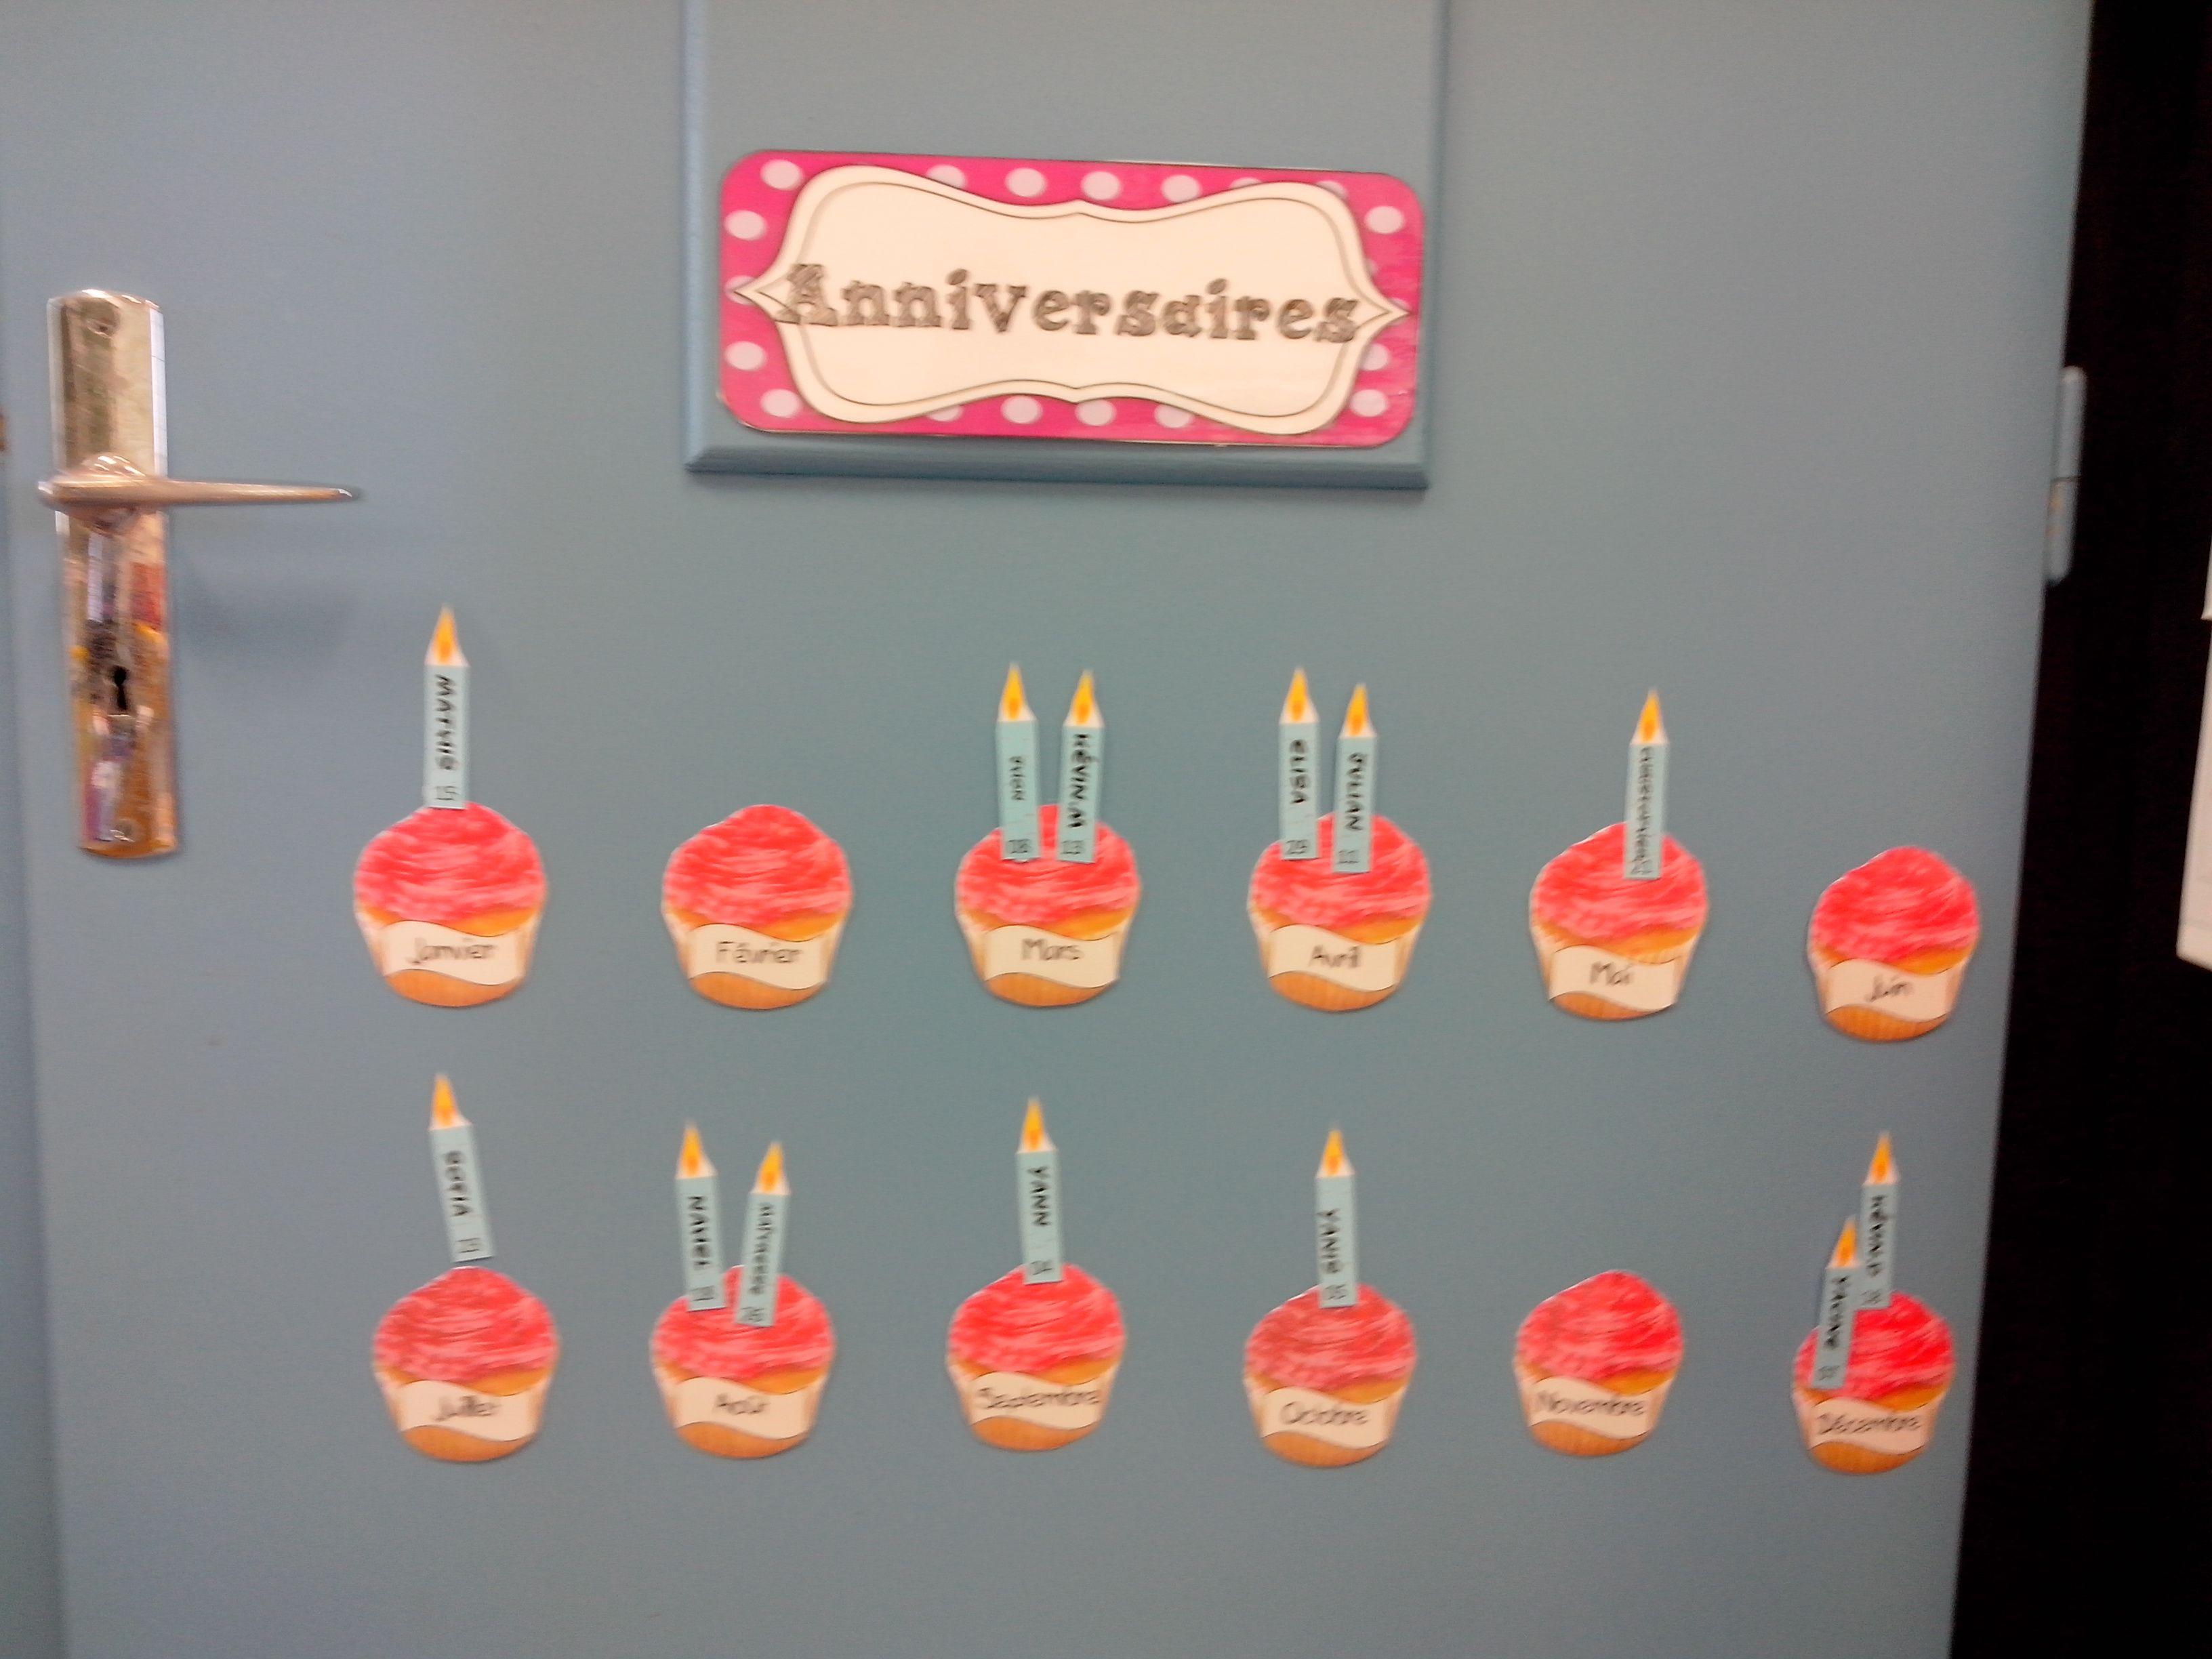 affichage les anniversaires deco enfant pinterest affichage anniversaires et. Black Bedroom Furniture Sets. Home Design Ideas